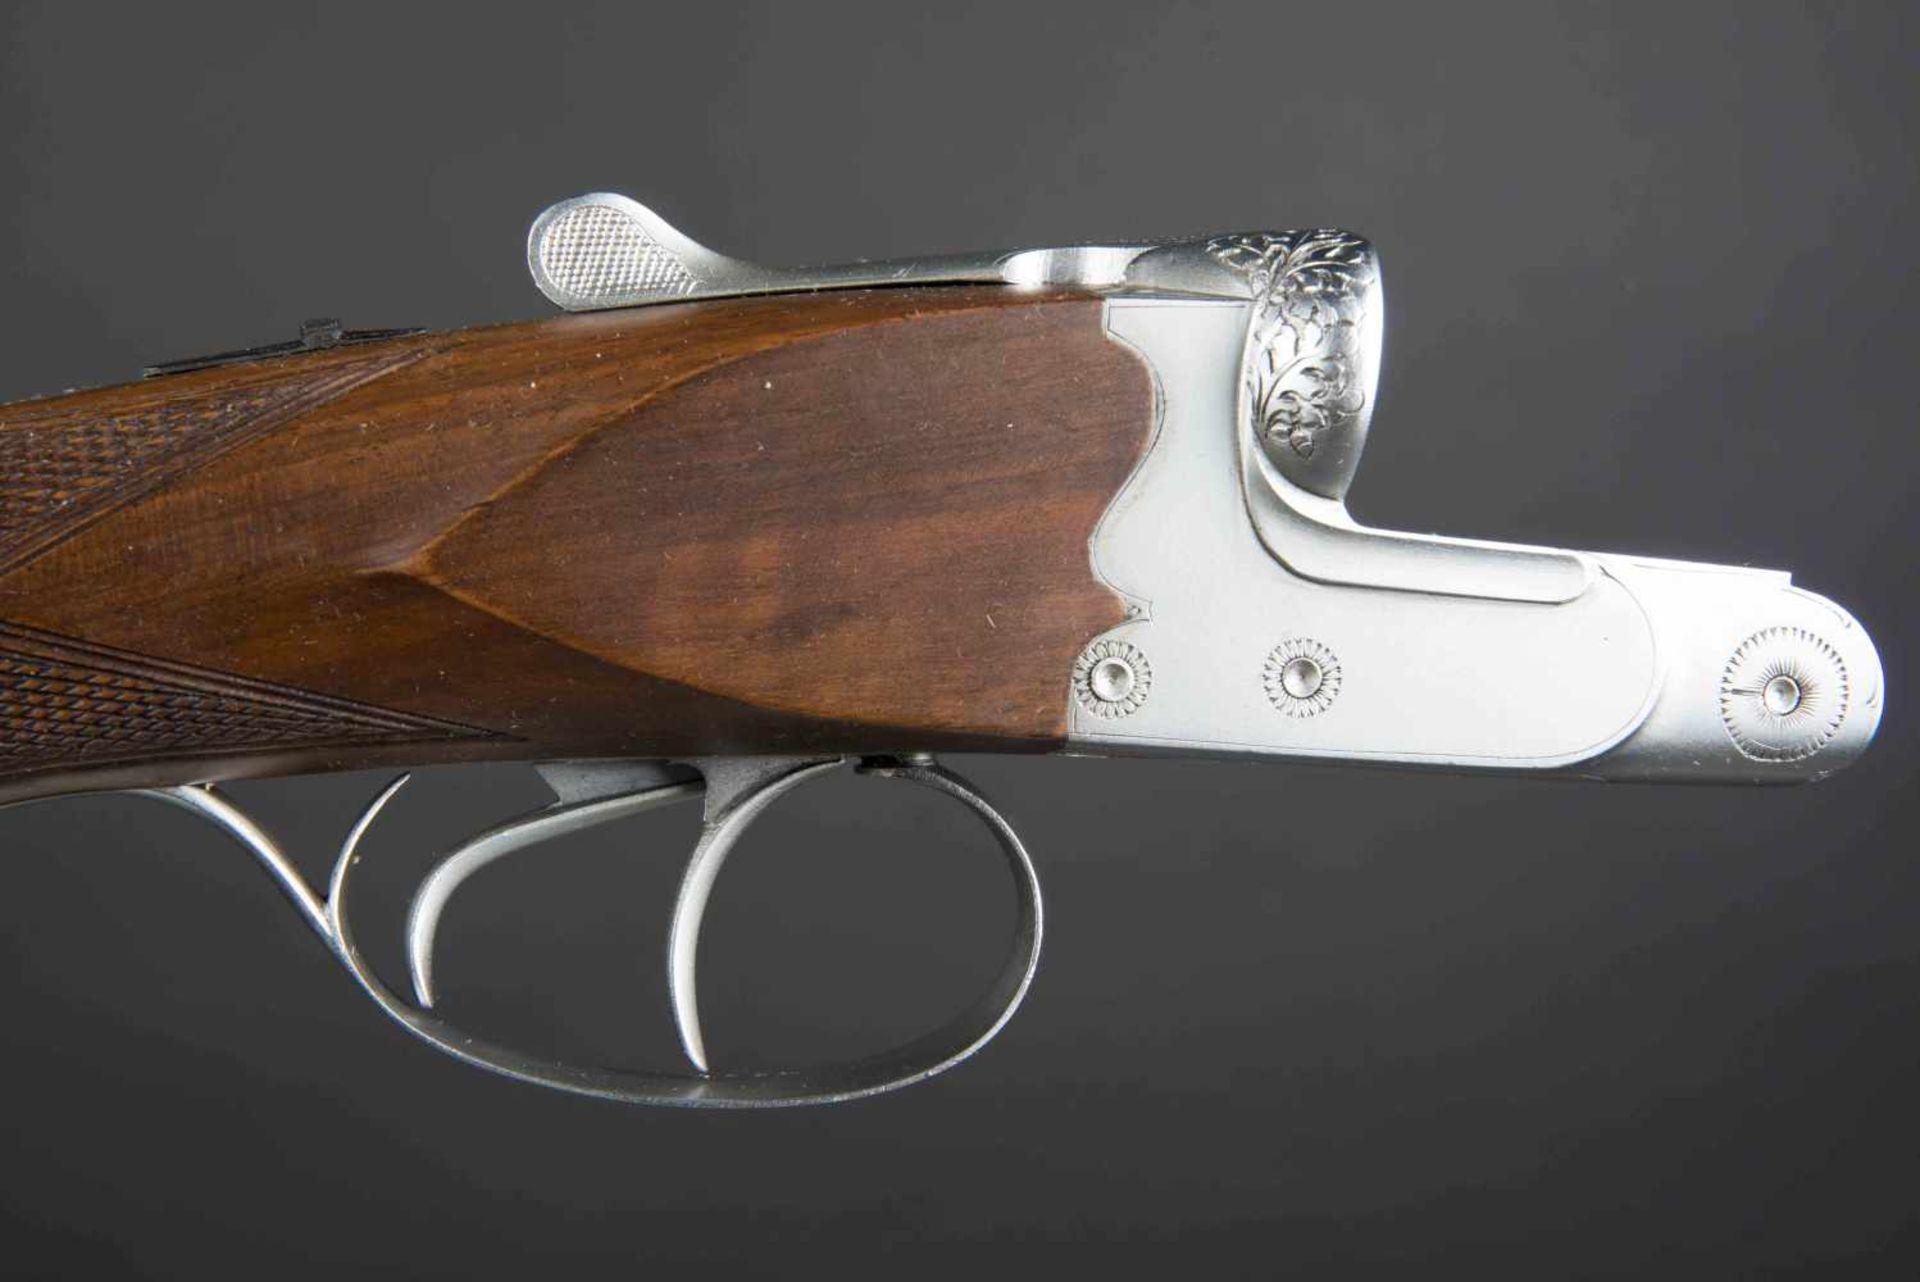 Fusil juxtaposé modèle artisanal Catégorie C Calibre 10/70. Numéro 4207. Canon acier au Creuset. - Bild 2 aus 3